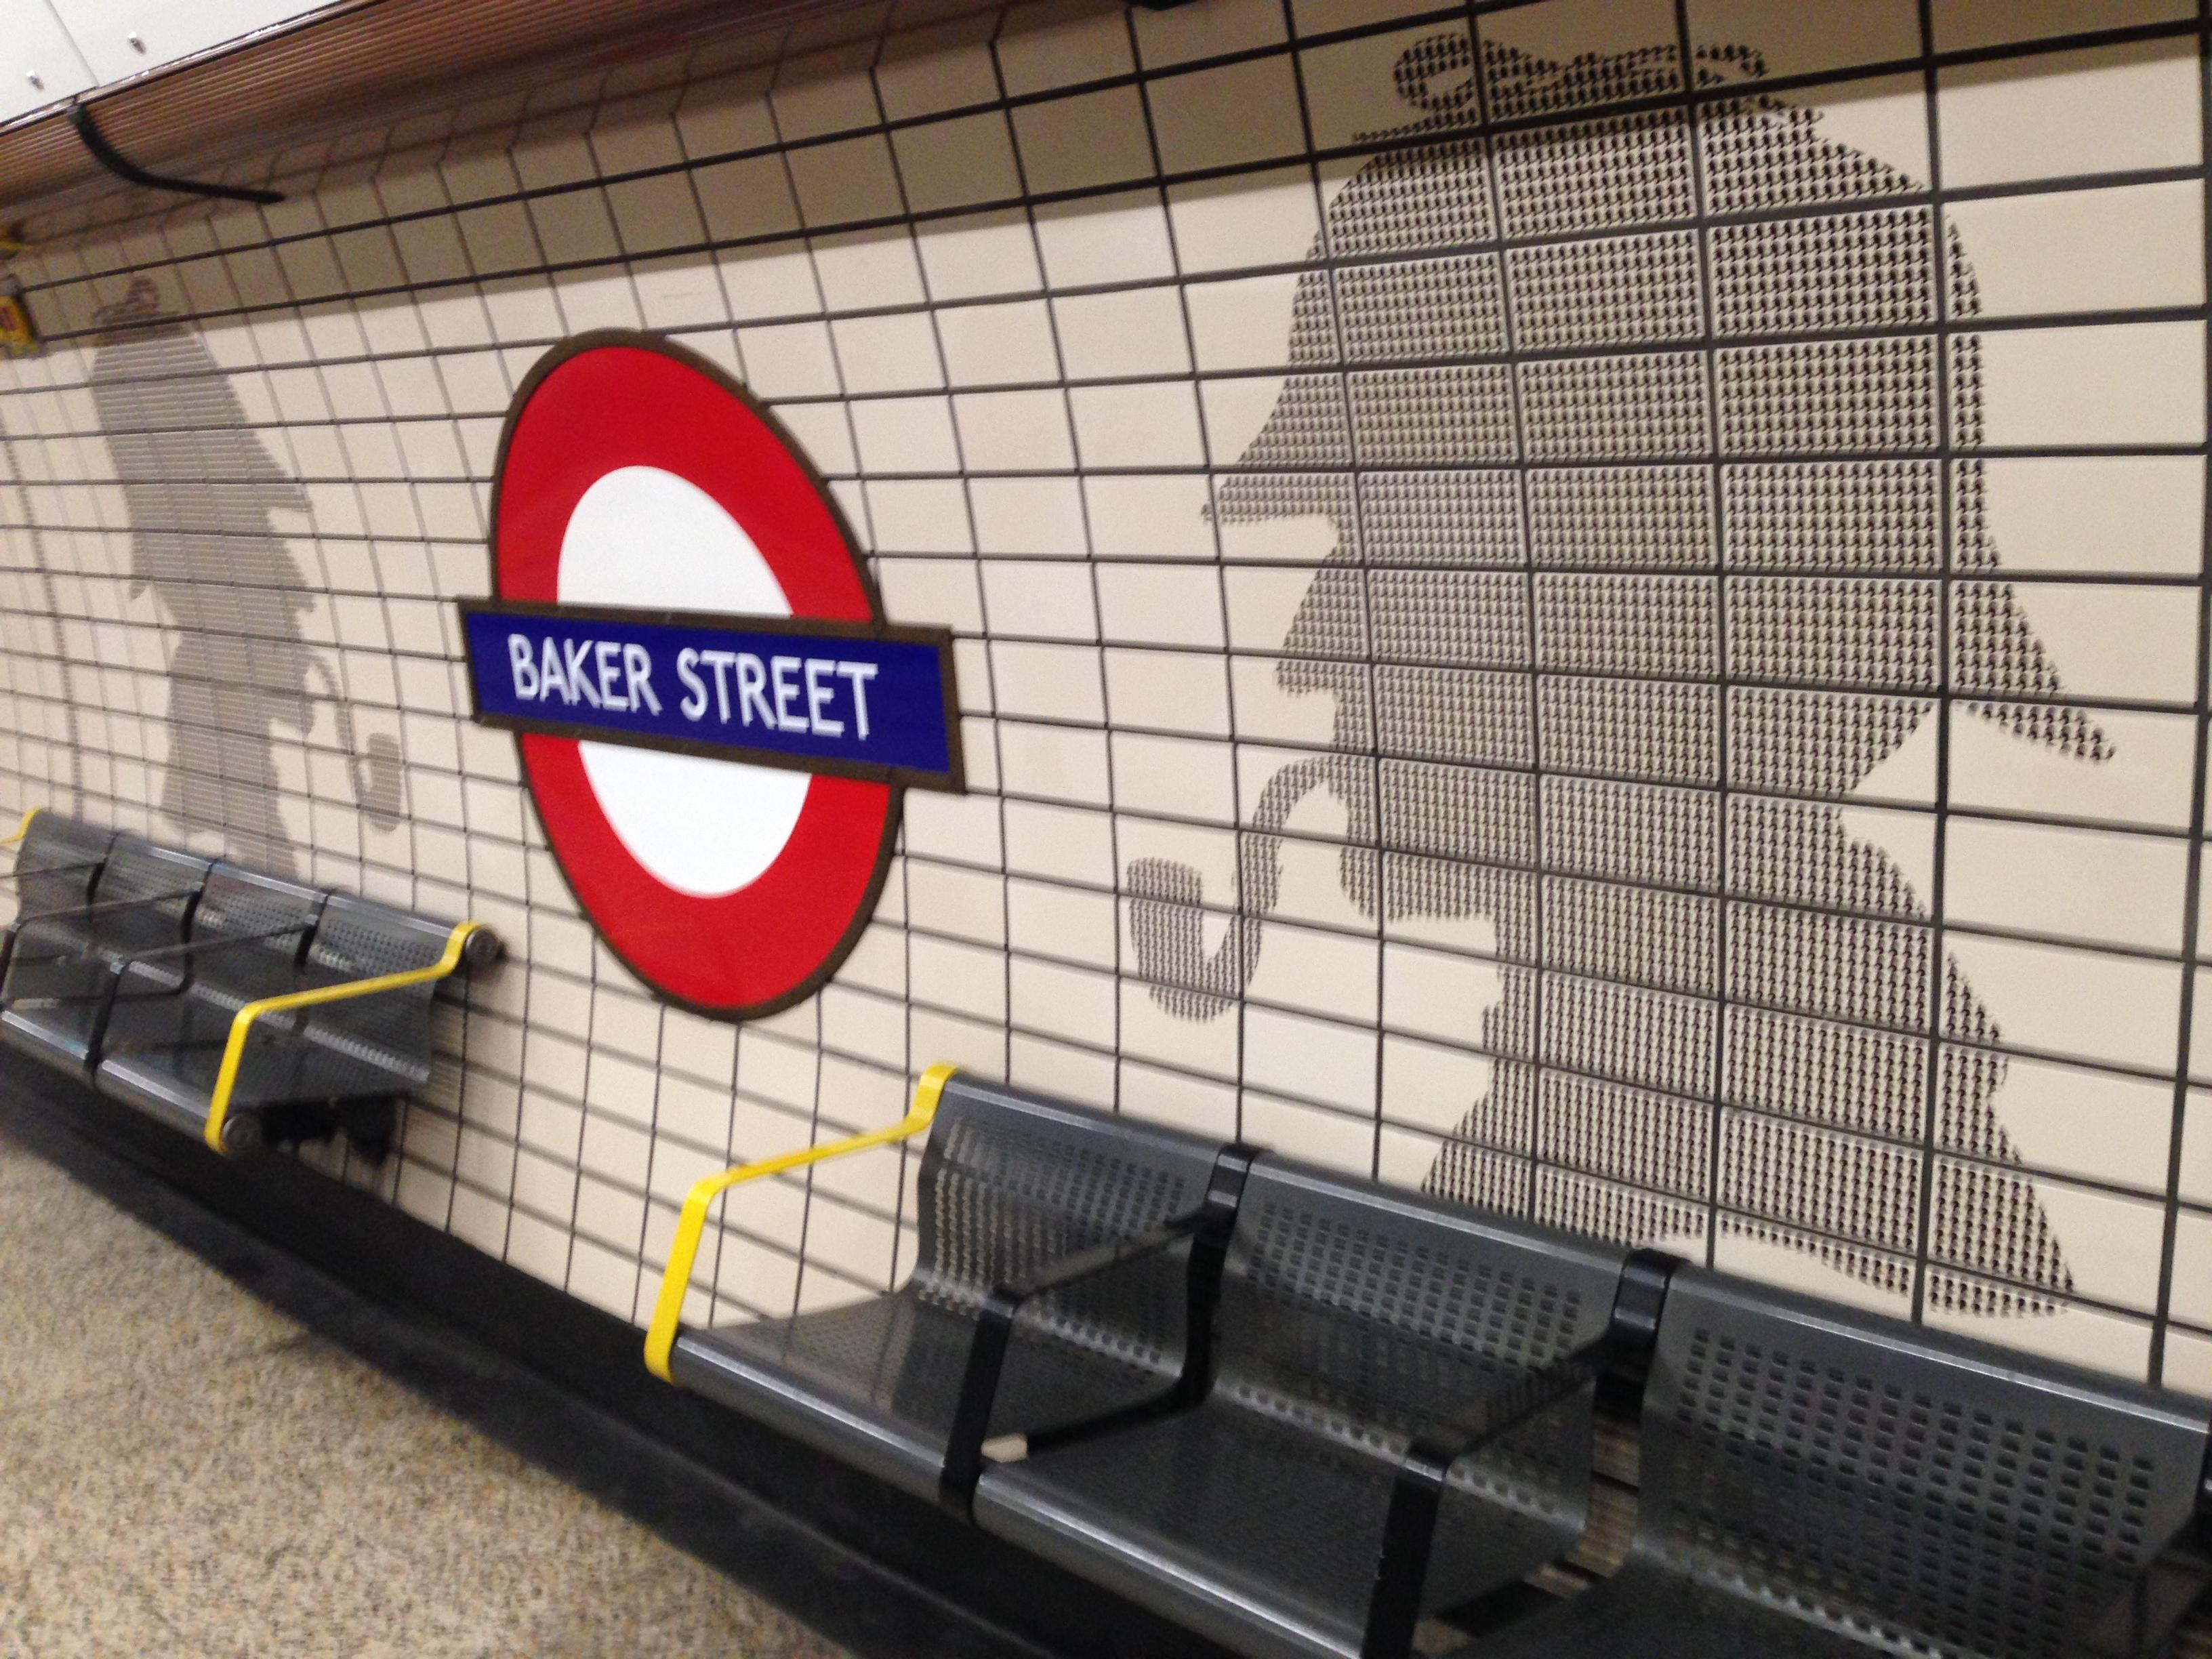 Underwhelmed by 221b Baker Street